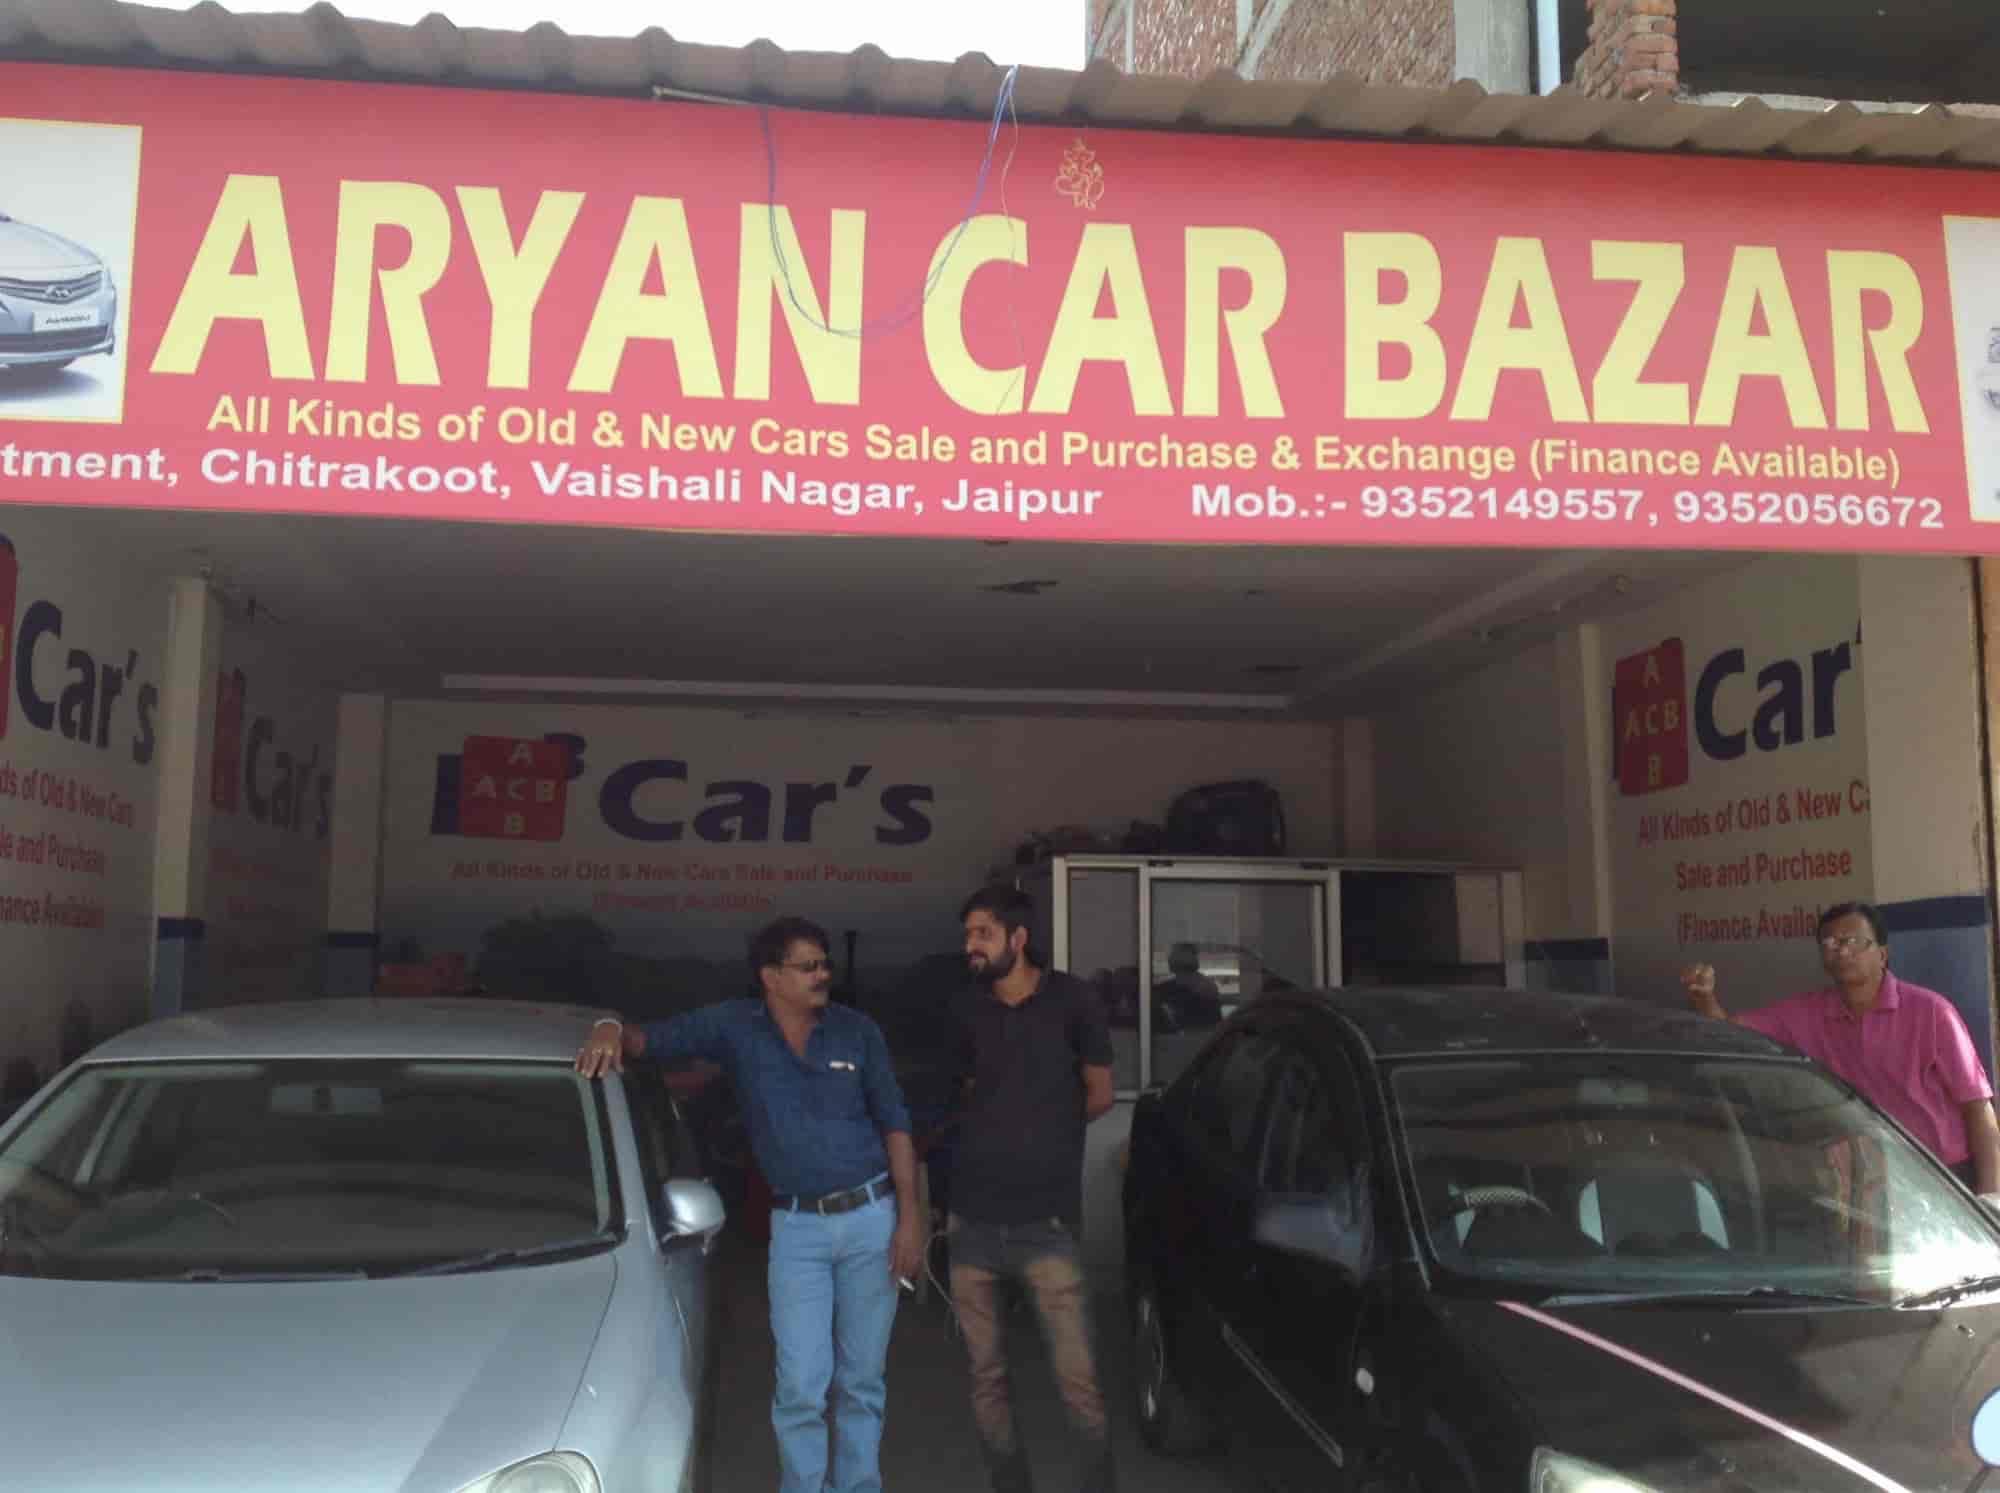 ARYAN CAR BAZAR, Vaishali Nagar - Car Repair & Services in Jaipur ...